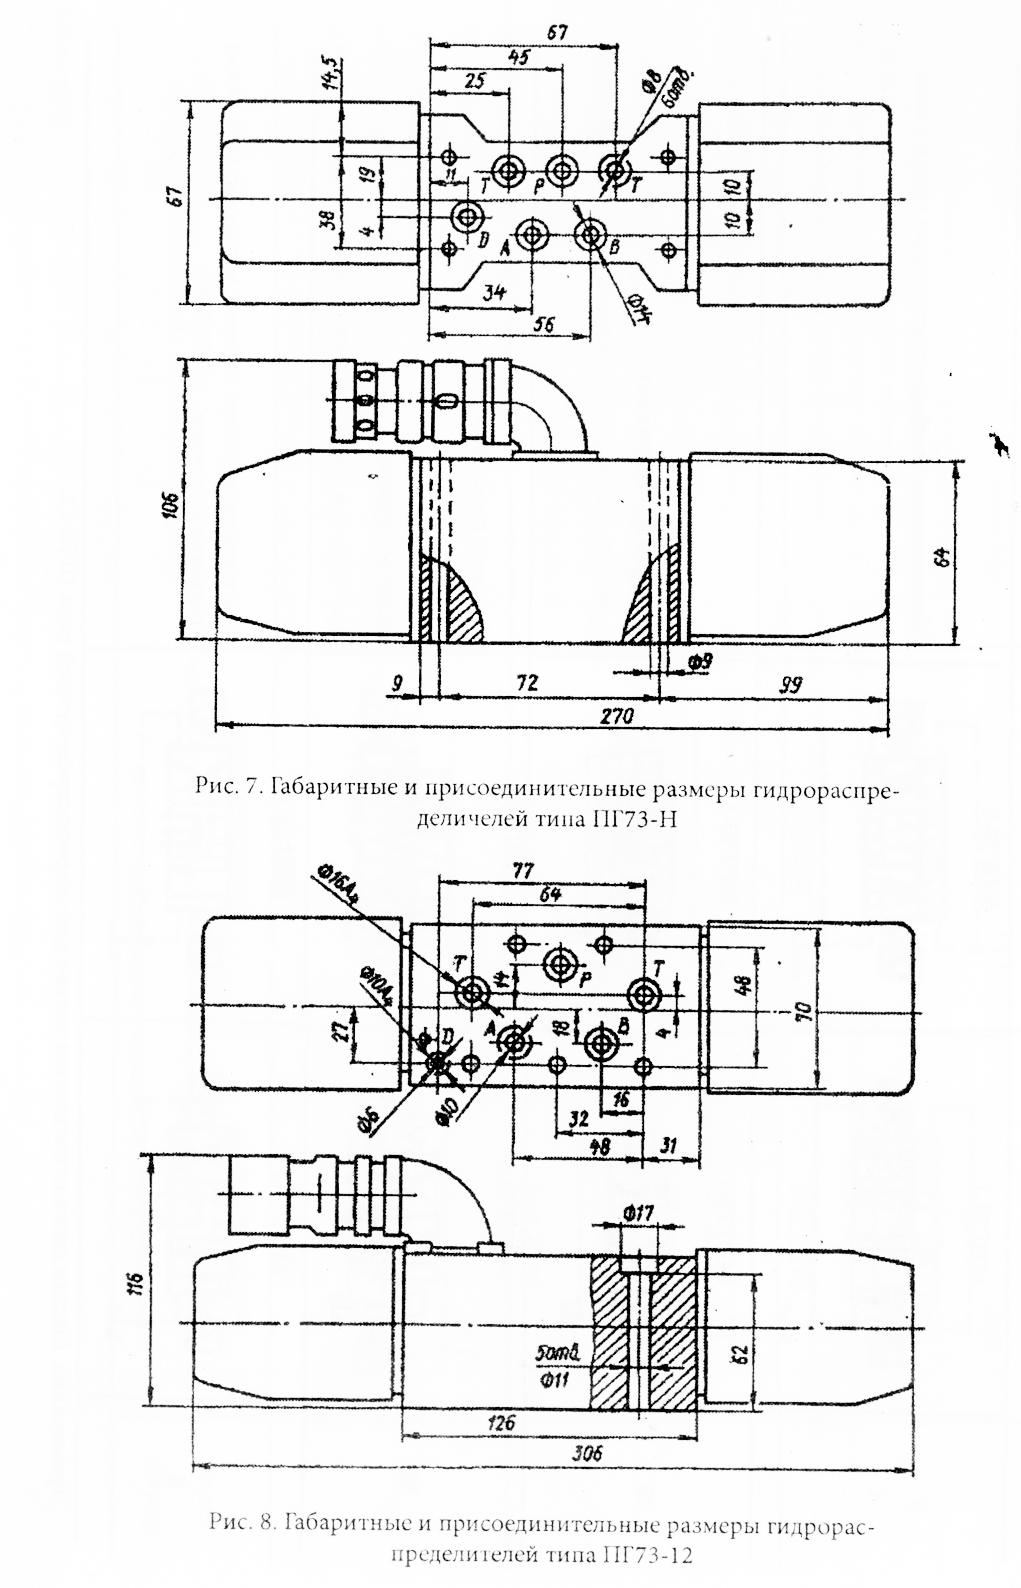 Габаритные и присоединительные размеры гидрораспределителей ПГ73-11 ПГ73-12 БПГ73-11 БПГ73-12